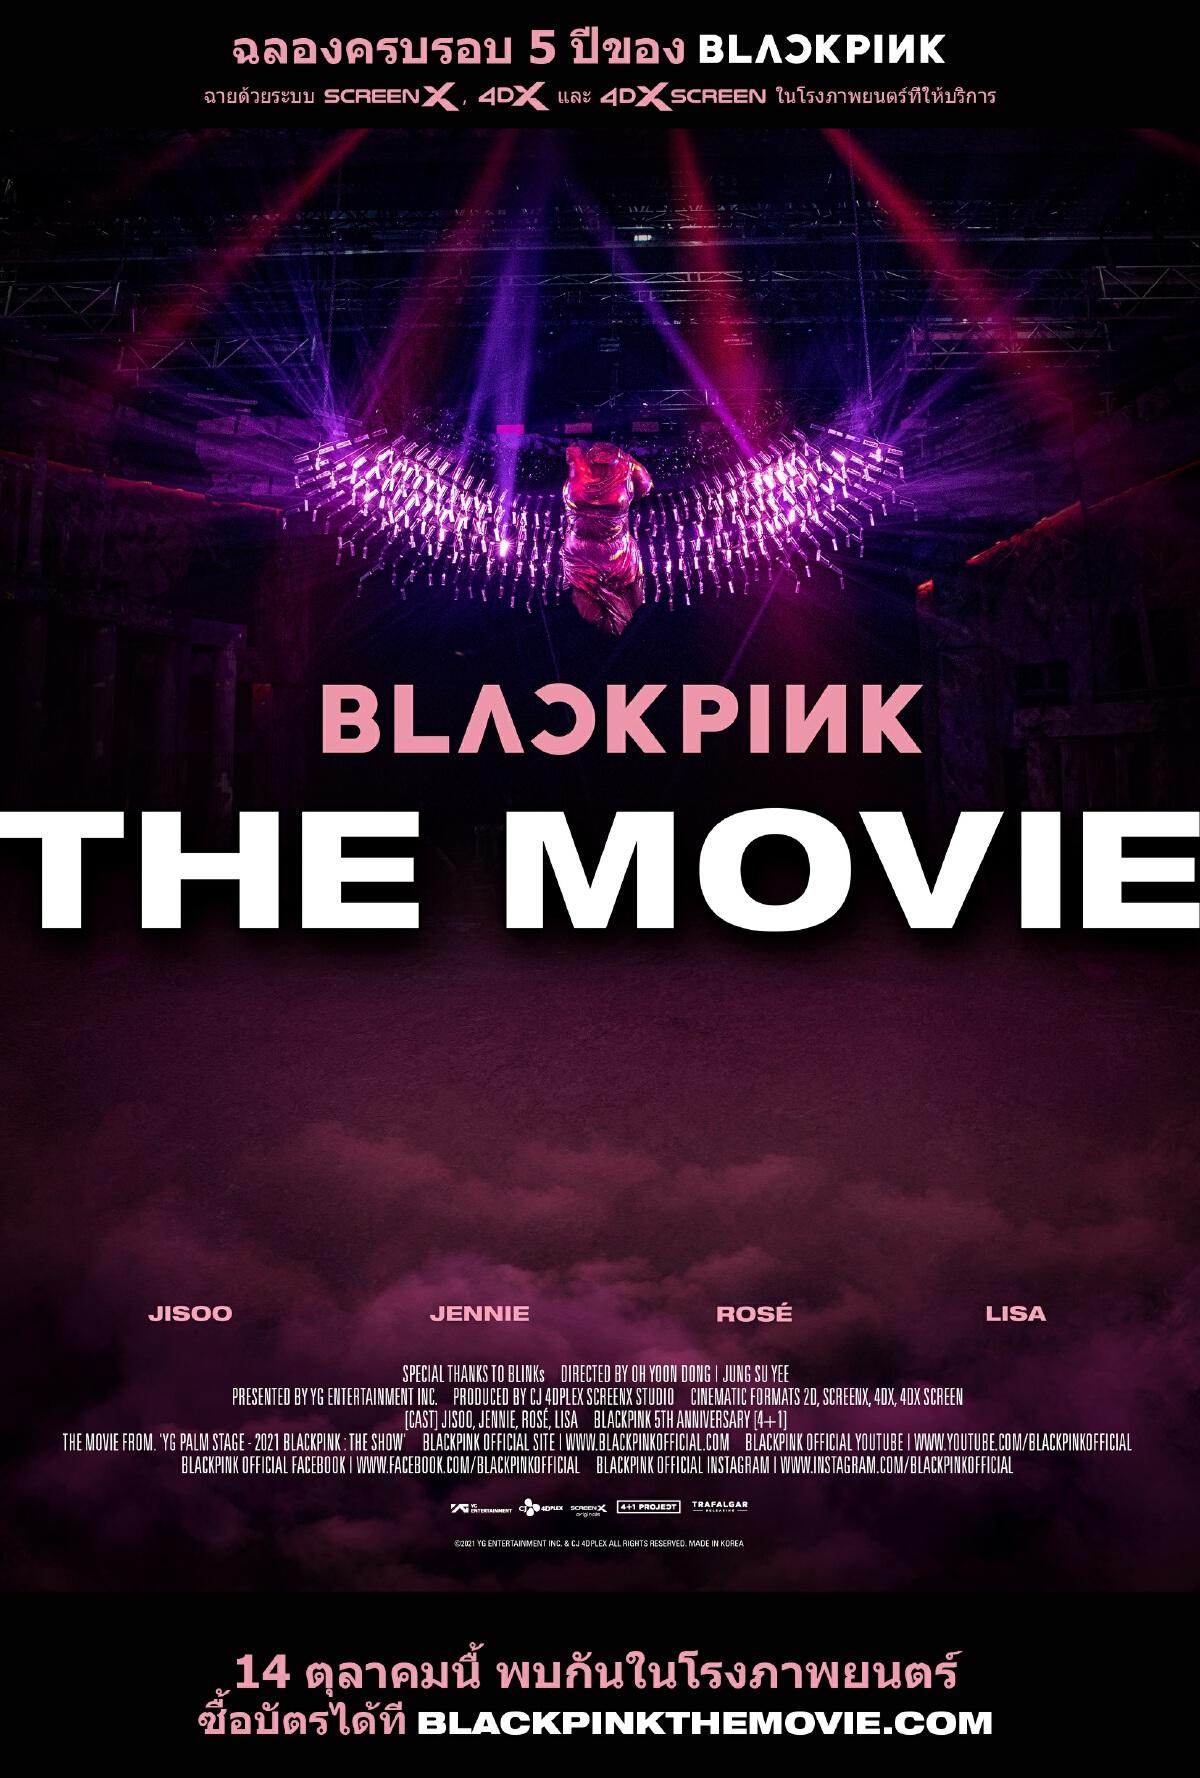 BLACKPINK : The Movie ภาพยนตร์แห่งความยิ่งใหญ่ พร้อมฉาย 14 ตุลาคมนี้